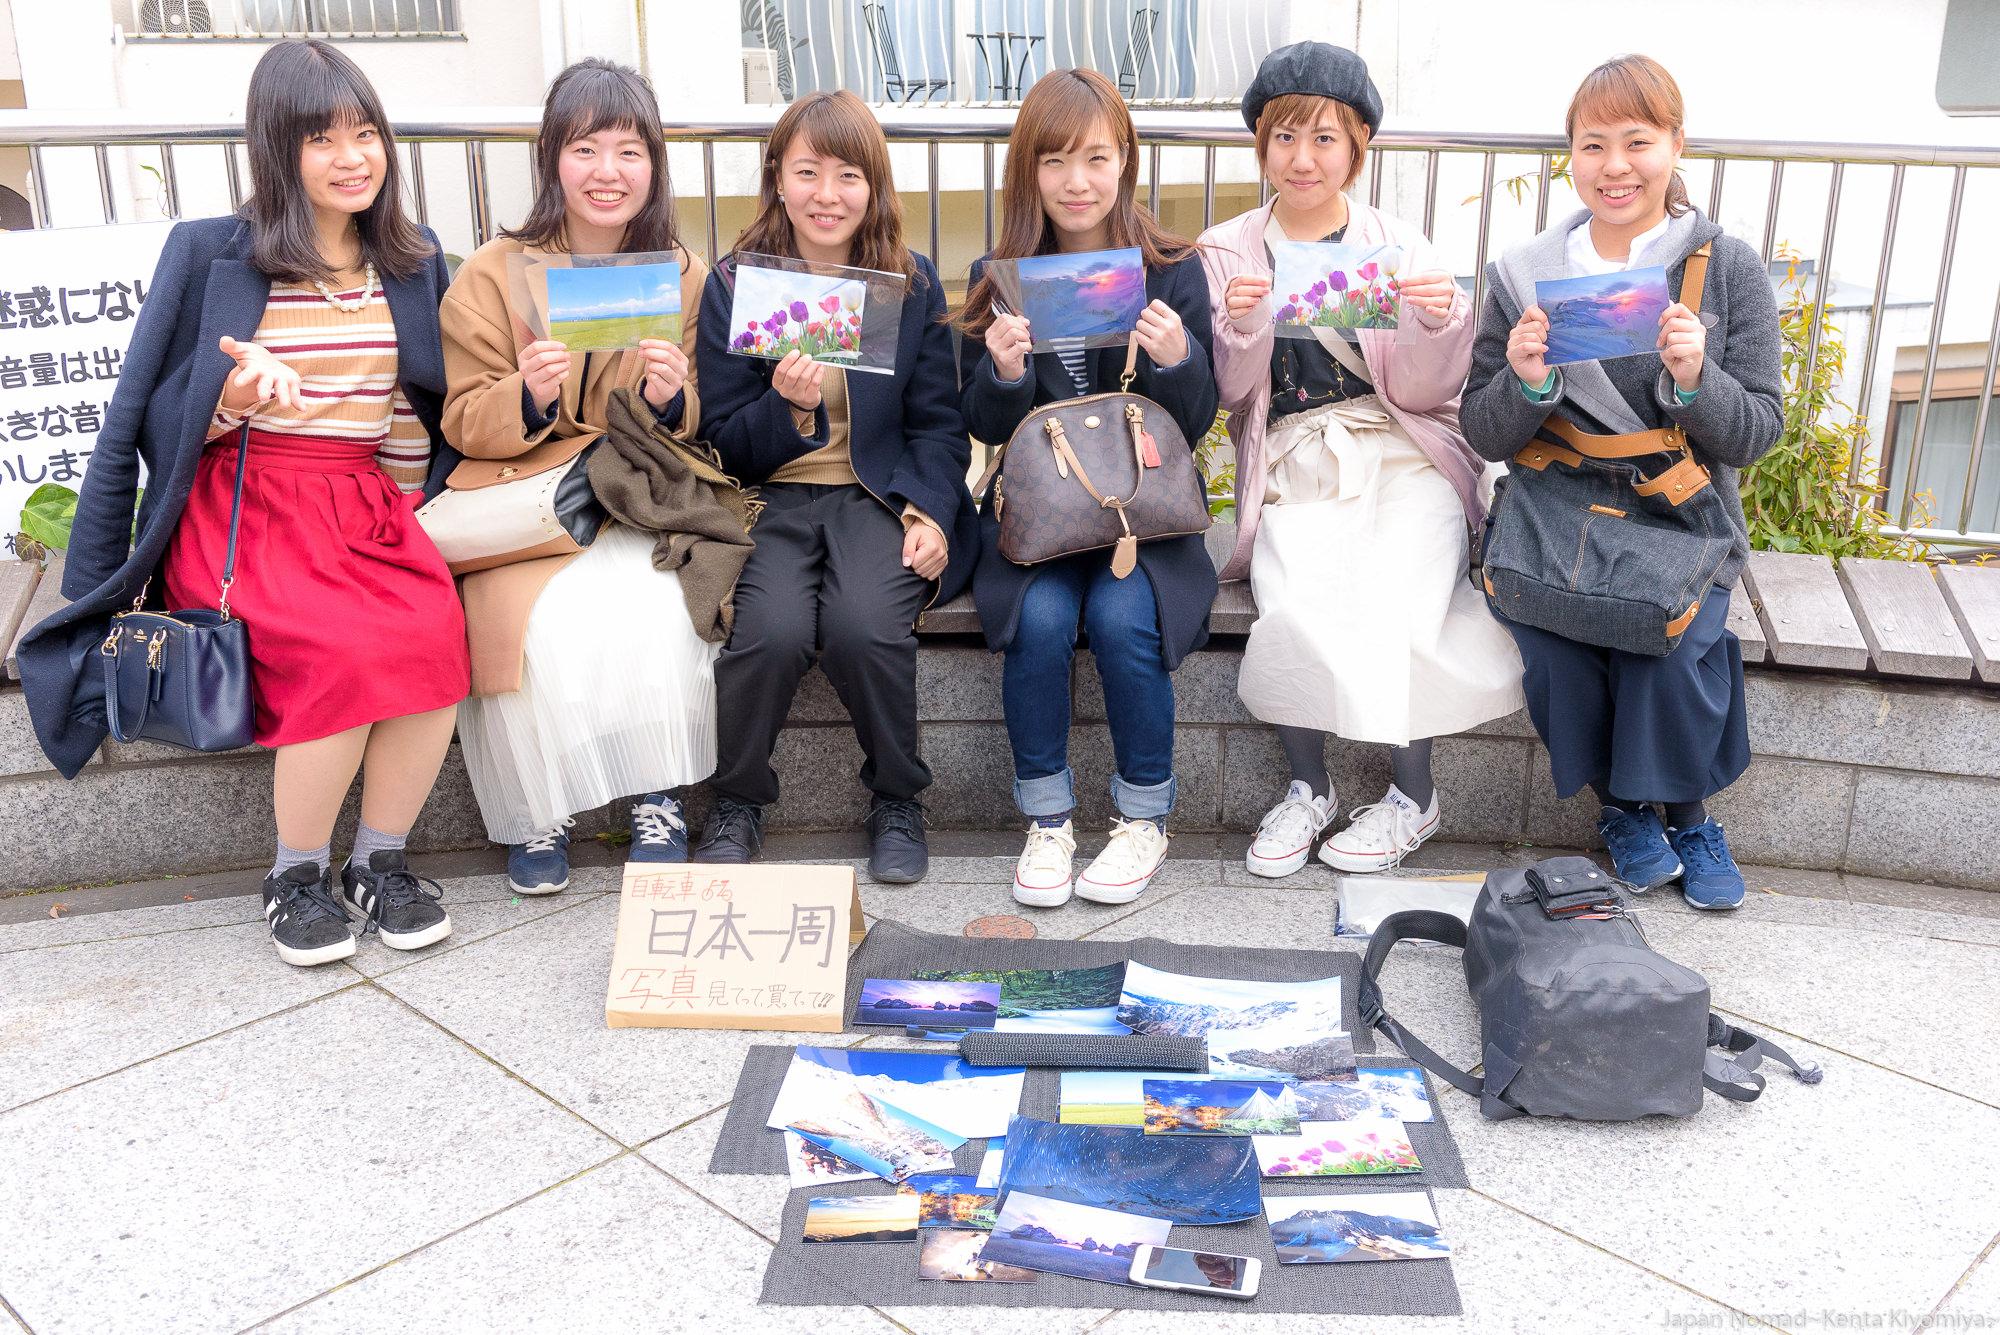 【旅165日目】神戸で写真の路上販売を実践!